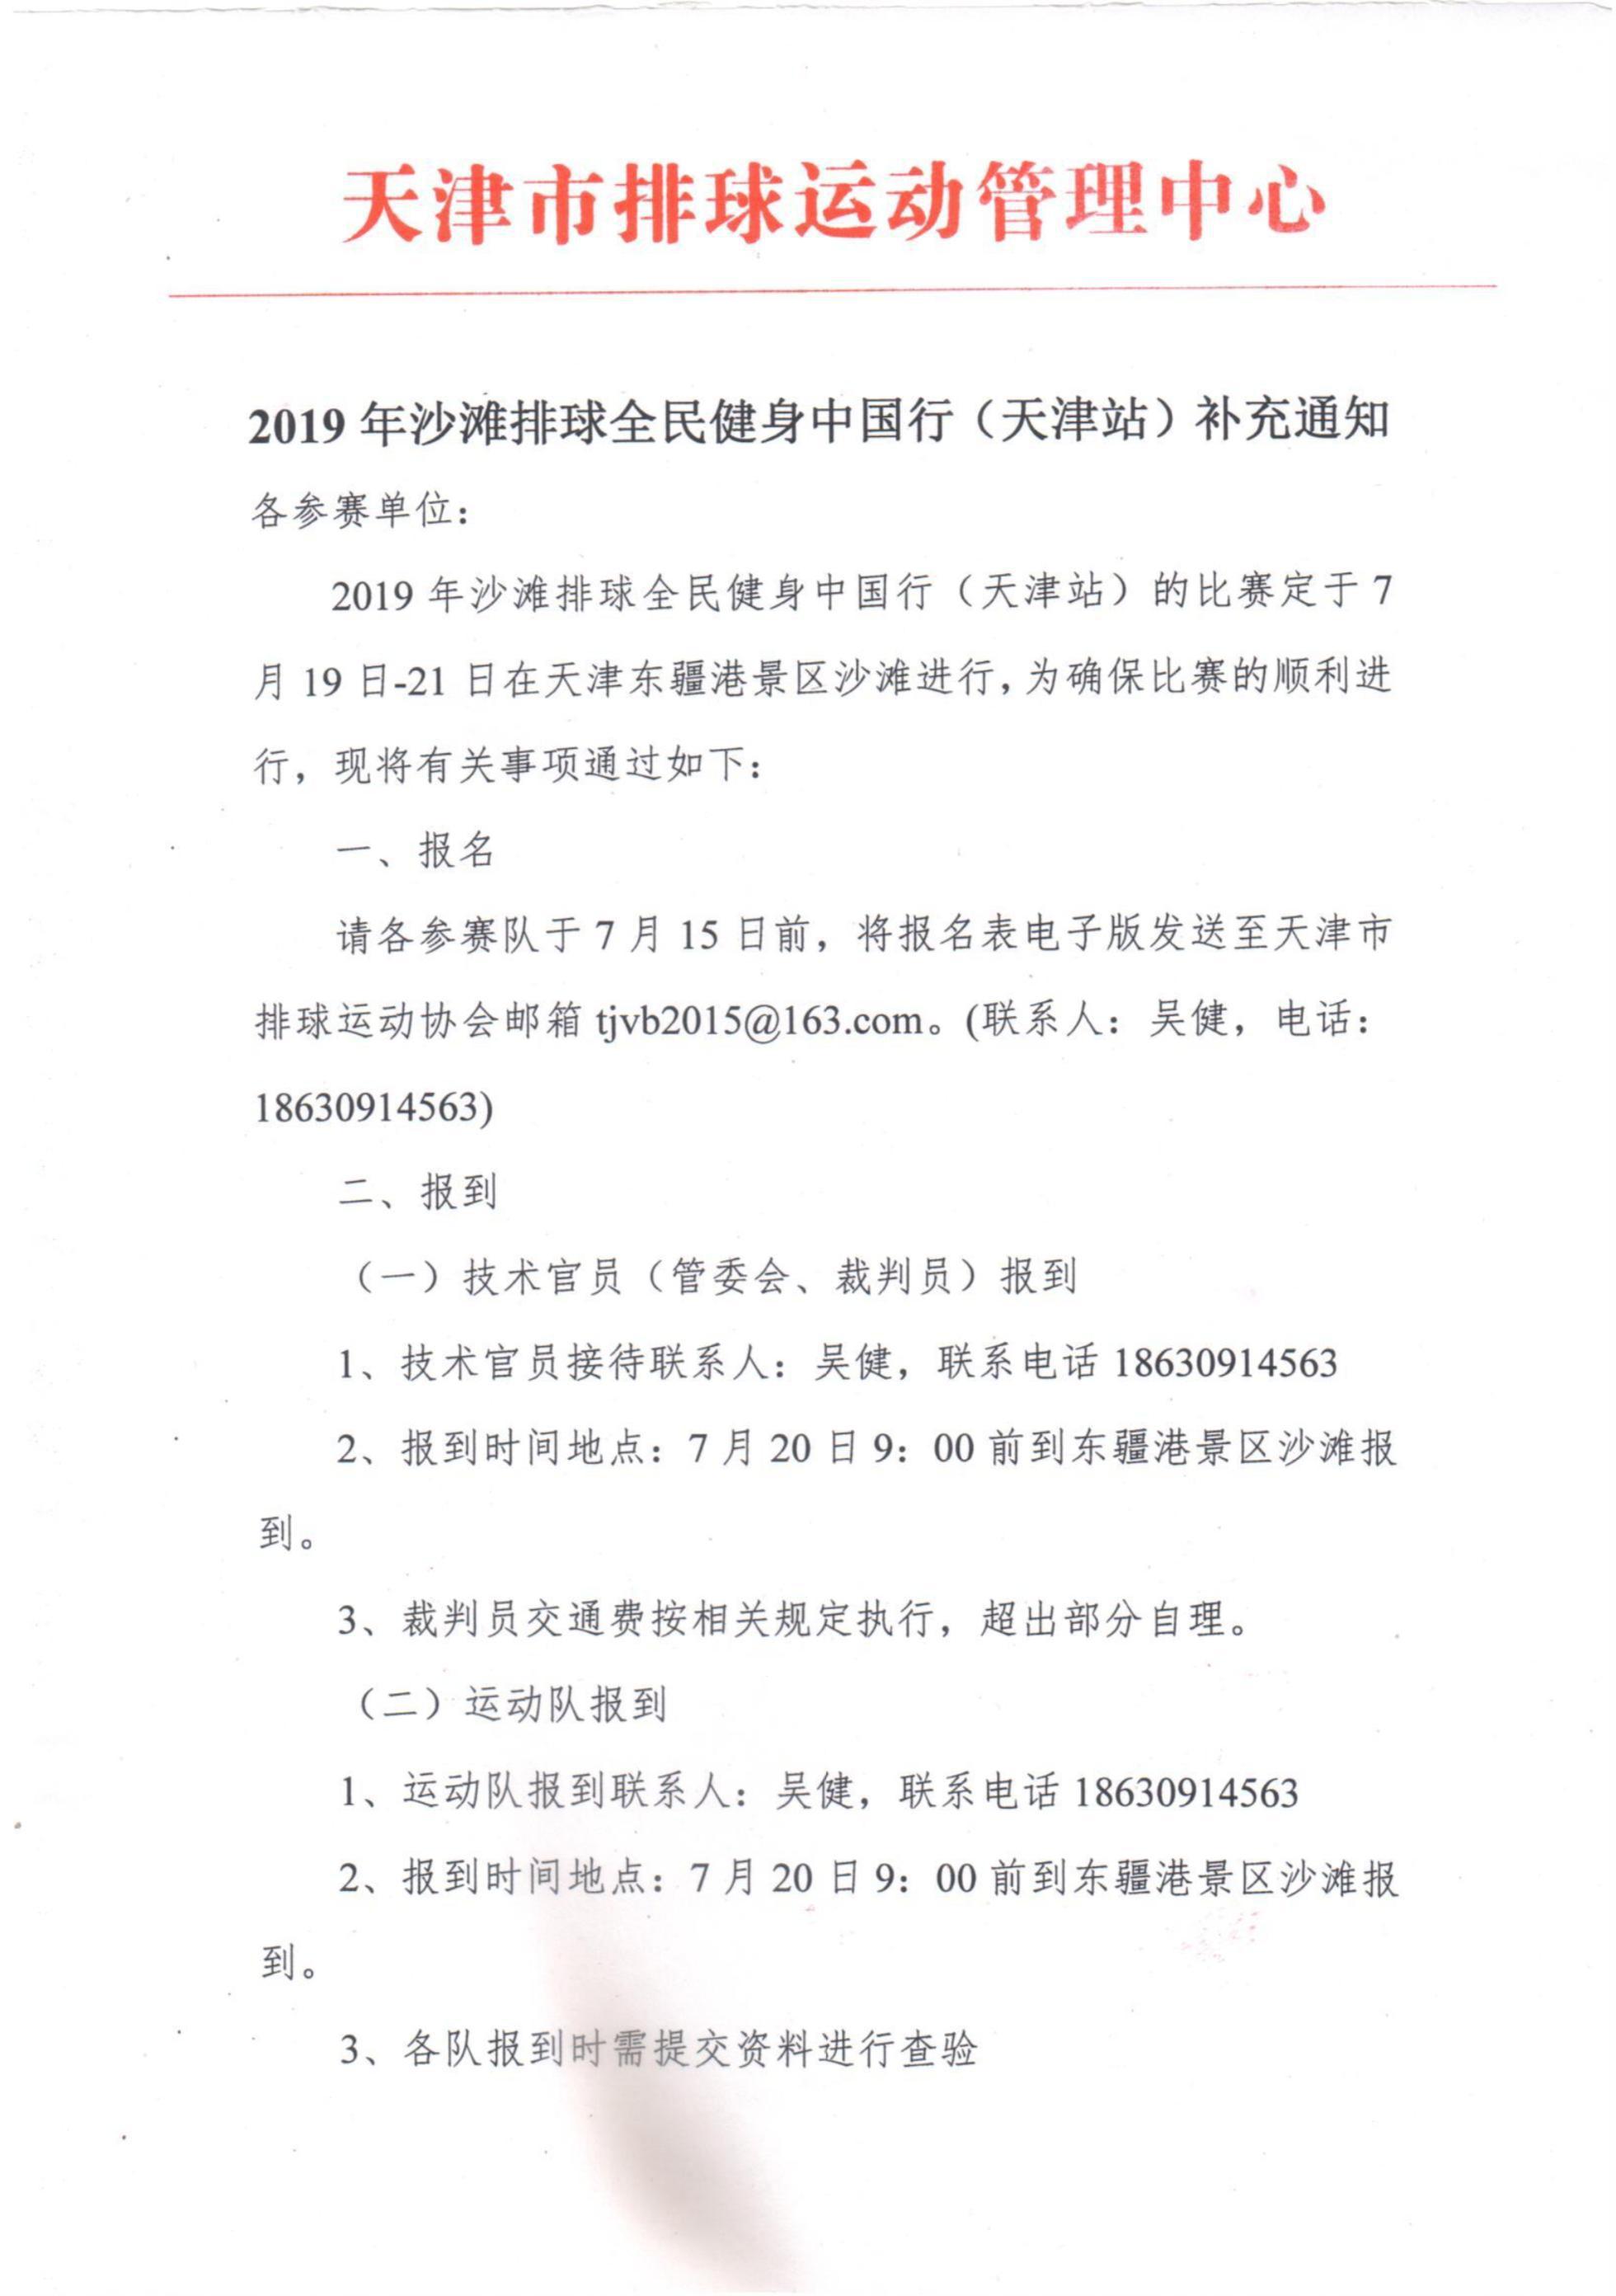 2019年沙滩排球全民健身中国行(天津站)补充通知